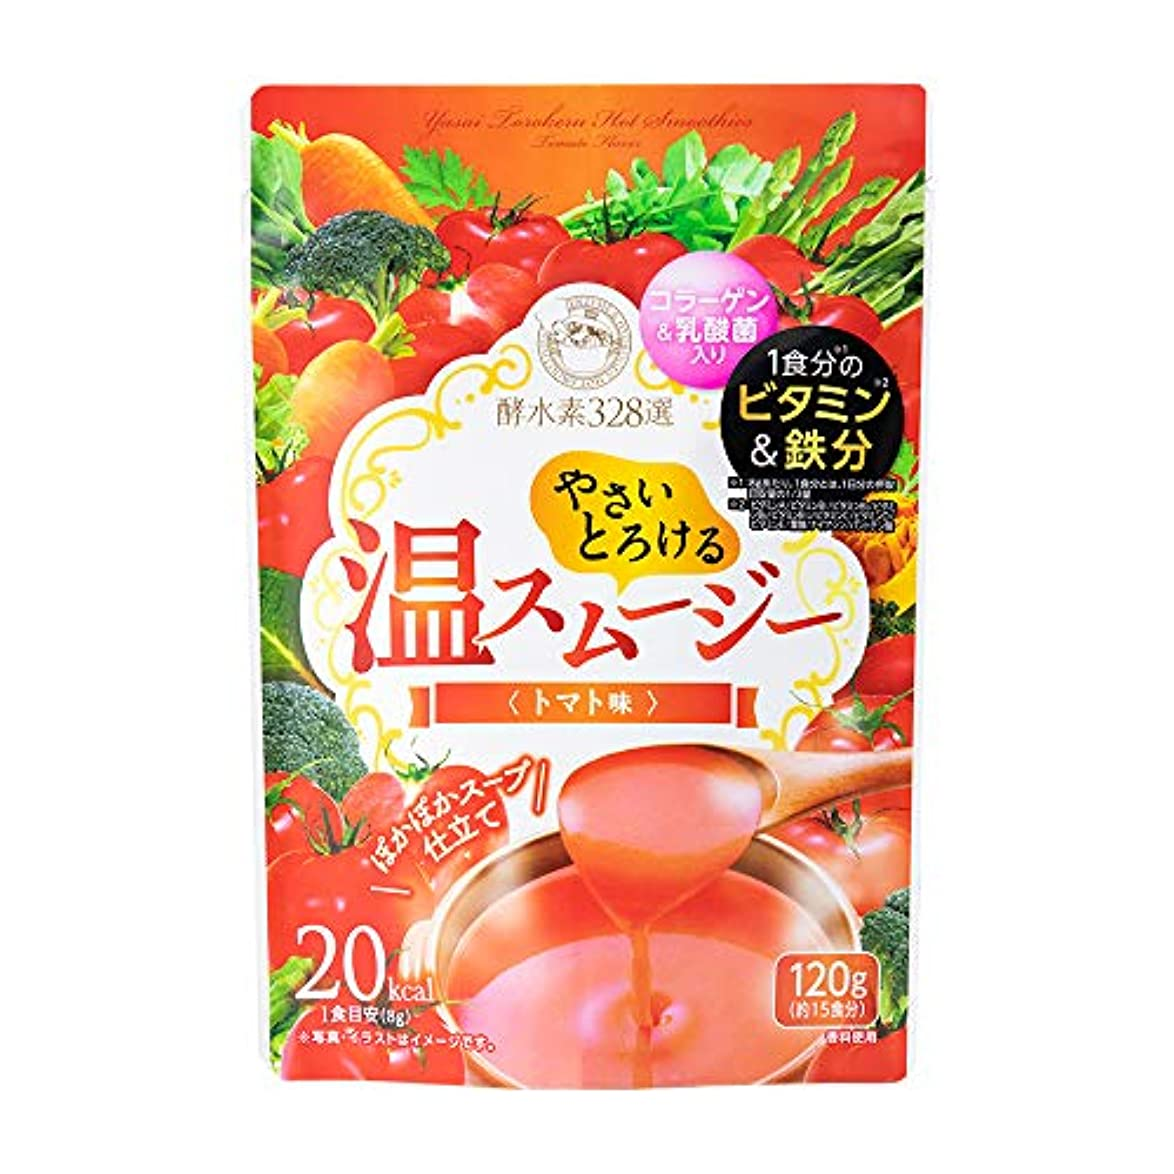 制限前提条件汚物【公式】酵水素328選 やさいとろける温スムージー (トマト味)